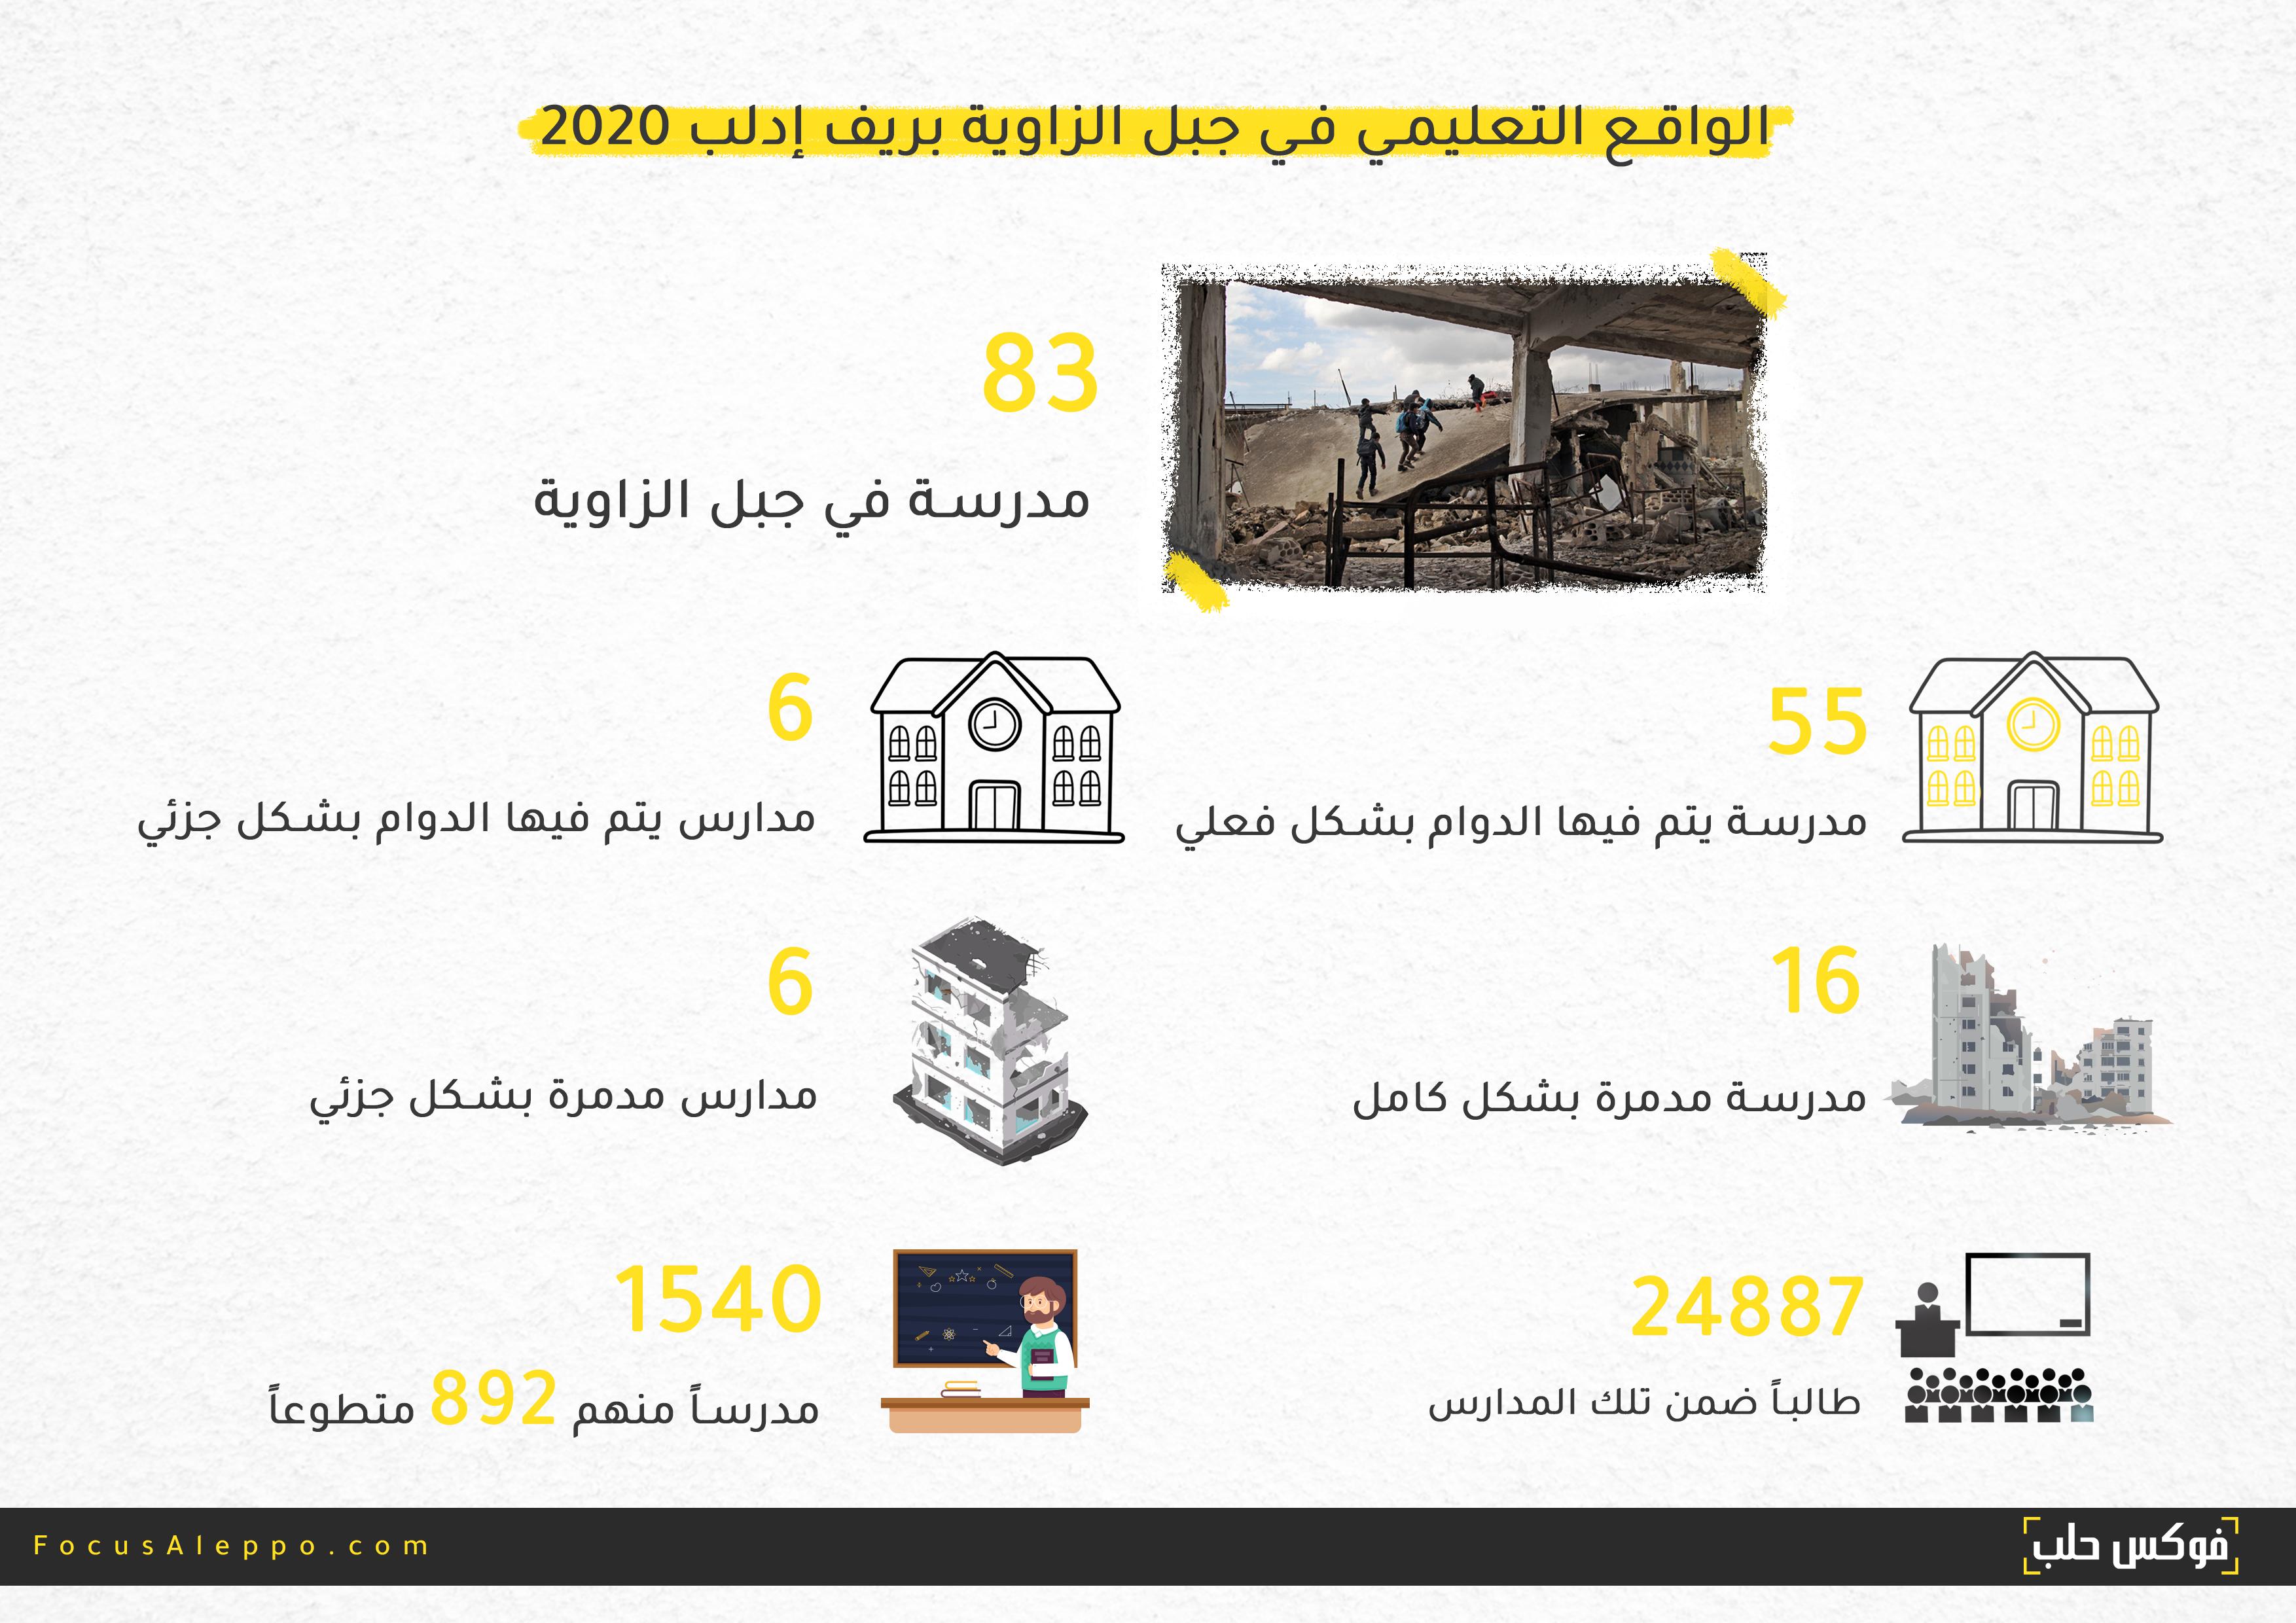 انفوغراف عن واقع المدارس التعليمي في جبل الزاوية بريف إدلب